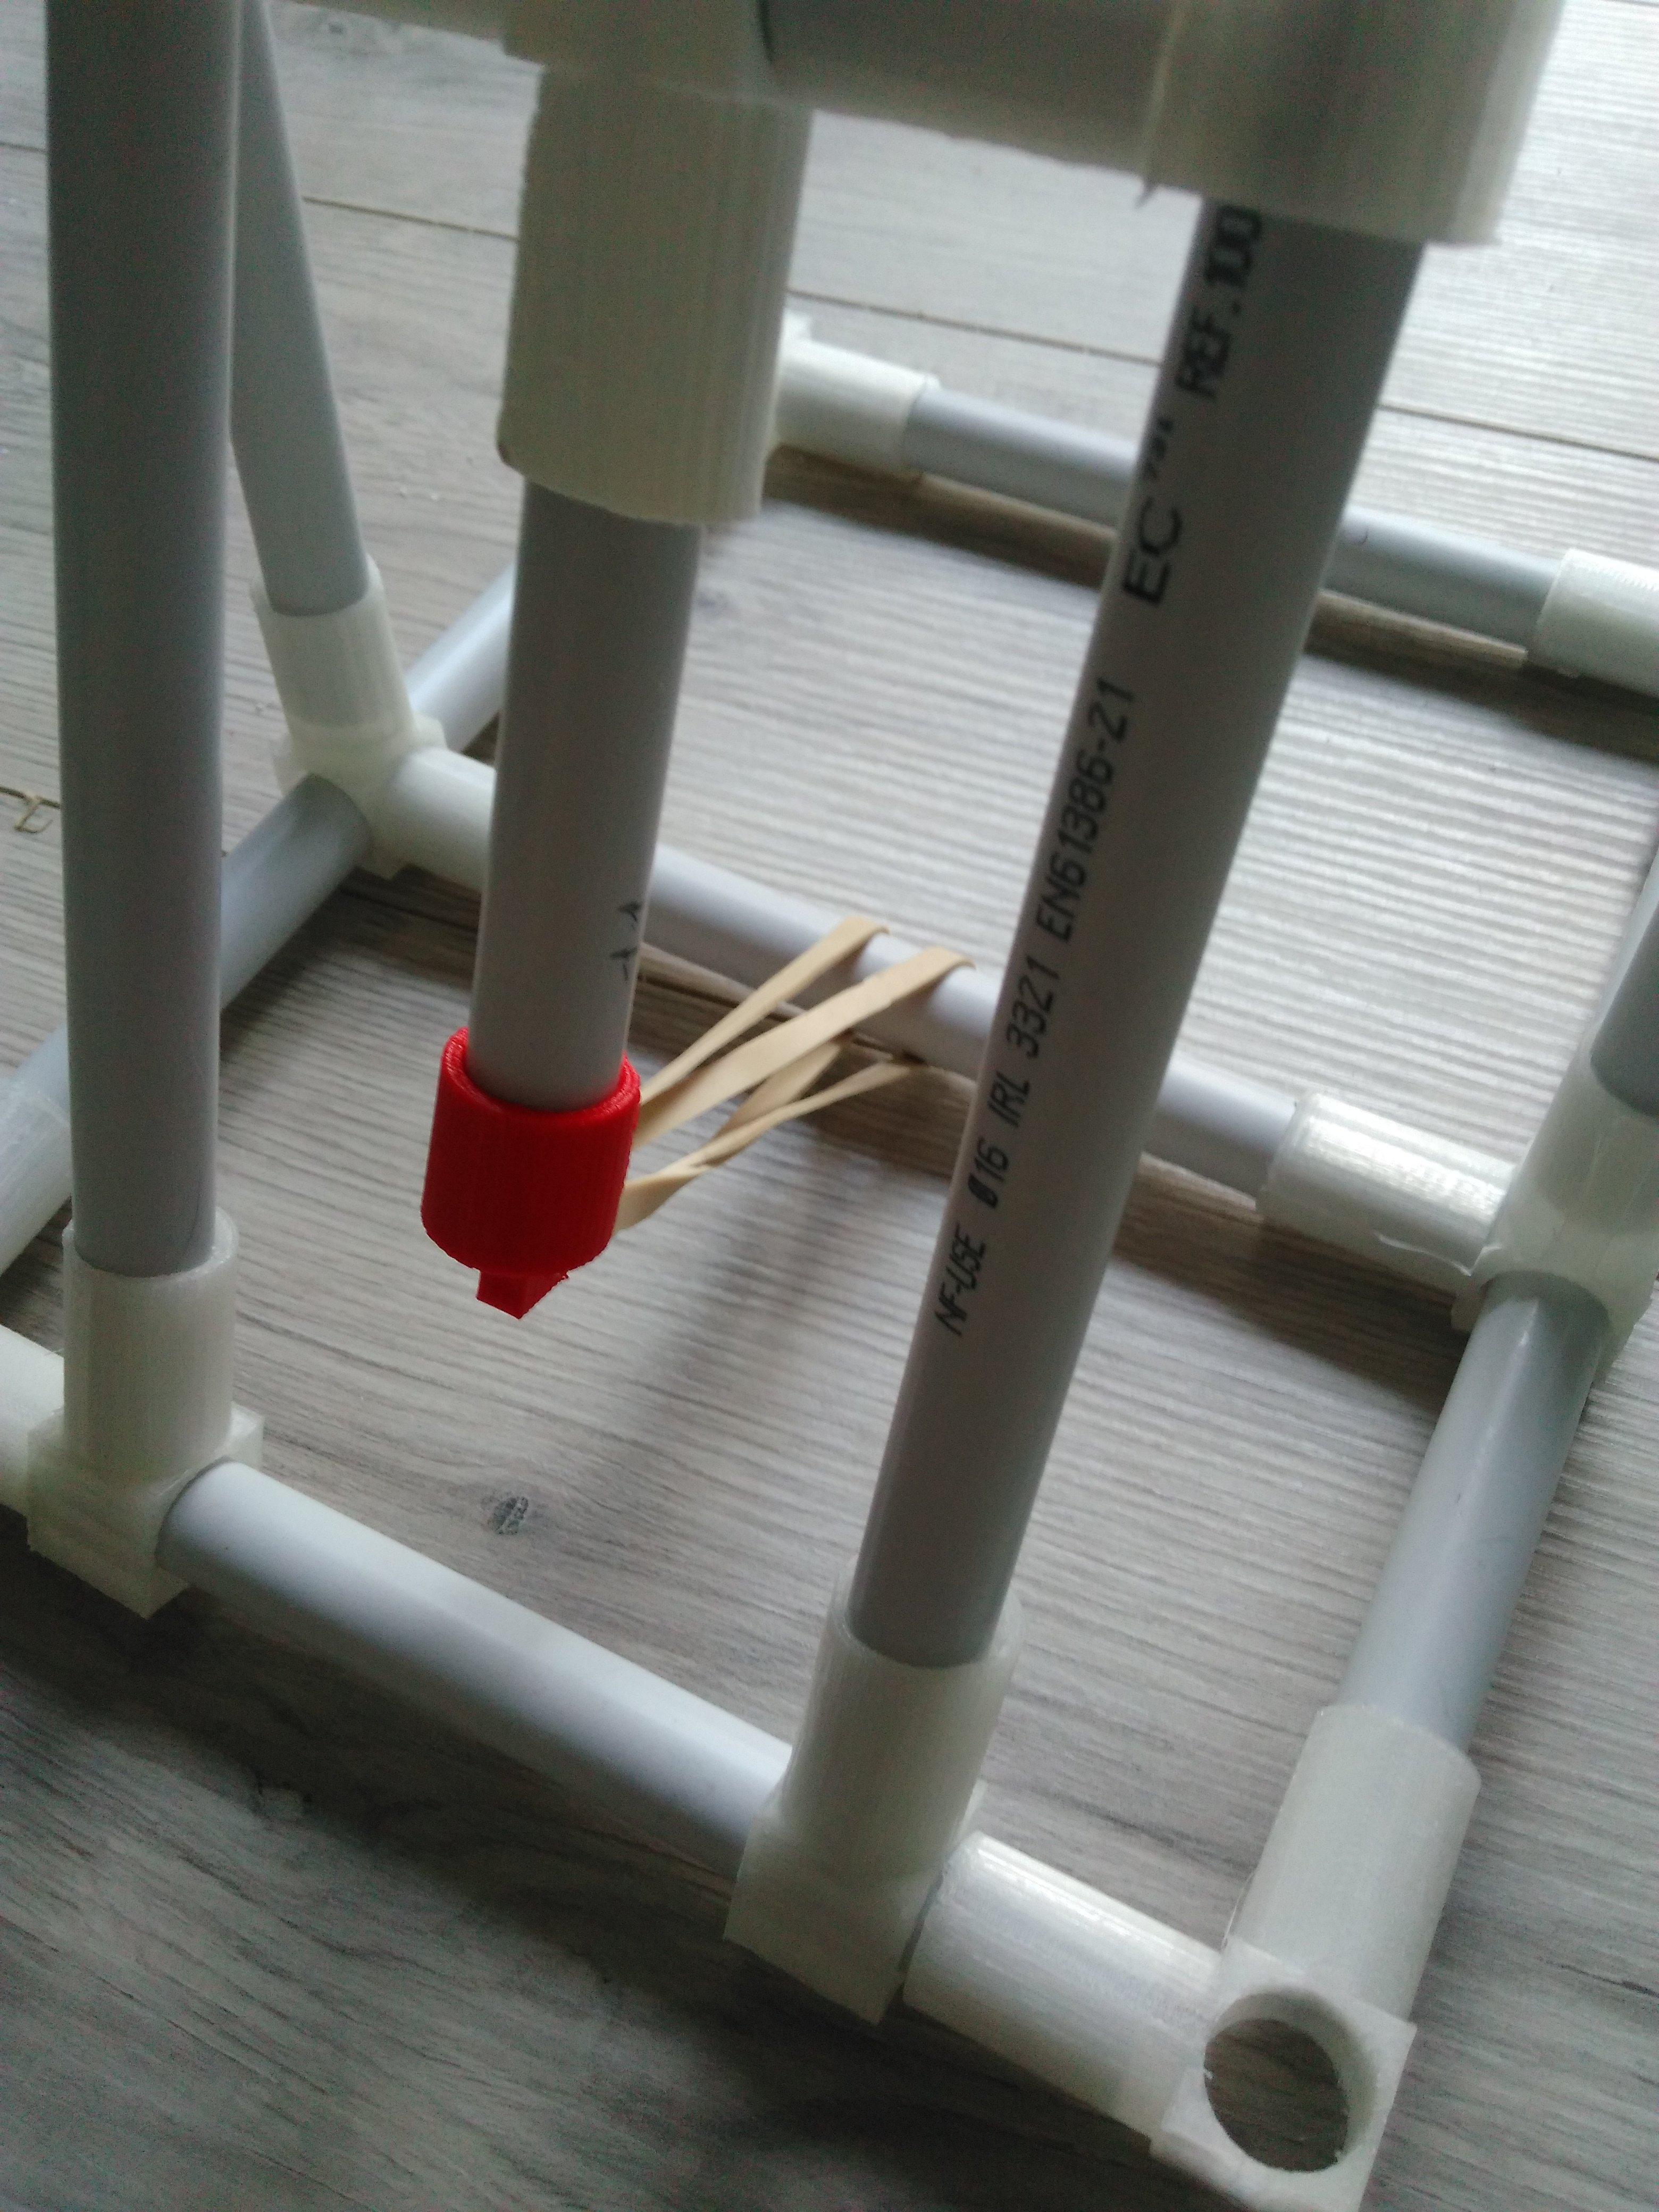 tutoriel diy fabriquer une catapulte avec des tubes en pvc et de l 39 impression 3d. Black Bedroom Furniture Sets. Home Design Ideas